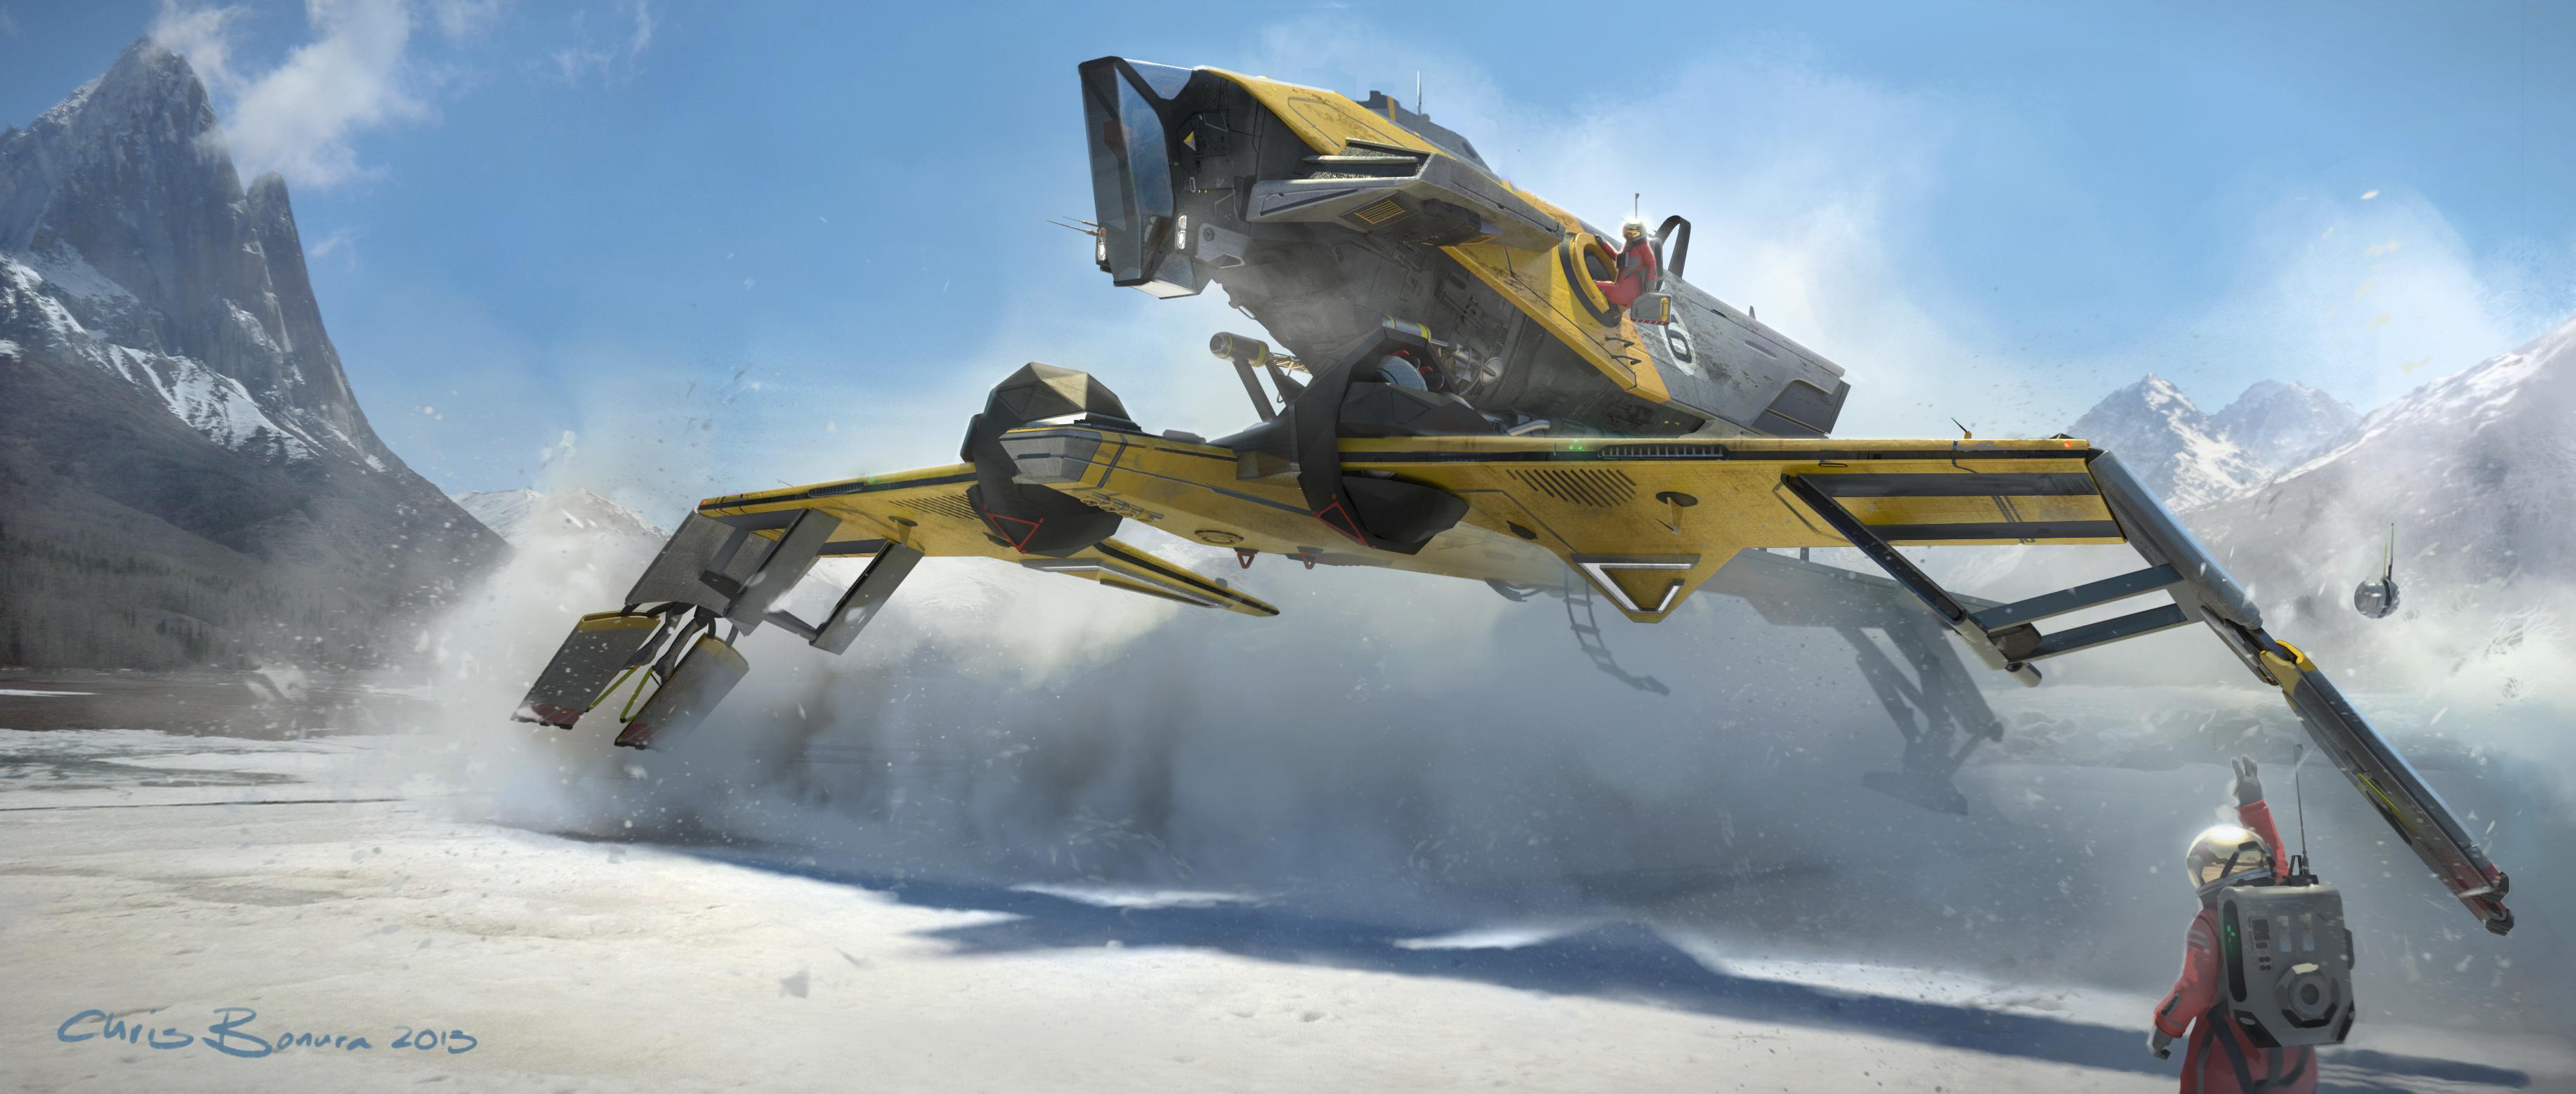 飞行器设计从概念到后期全套1-4部